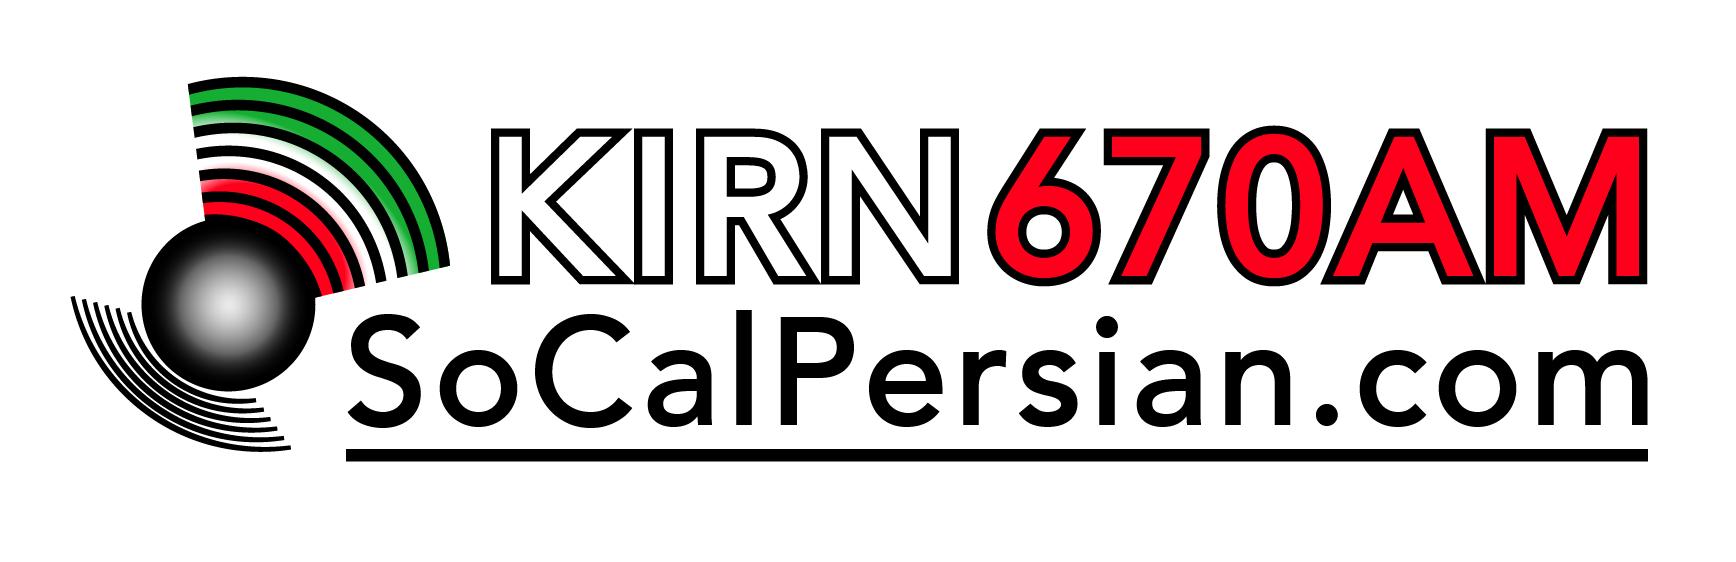 KIRN 670 AM - Los Angeles, CA - Iranian / Farsi